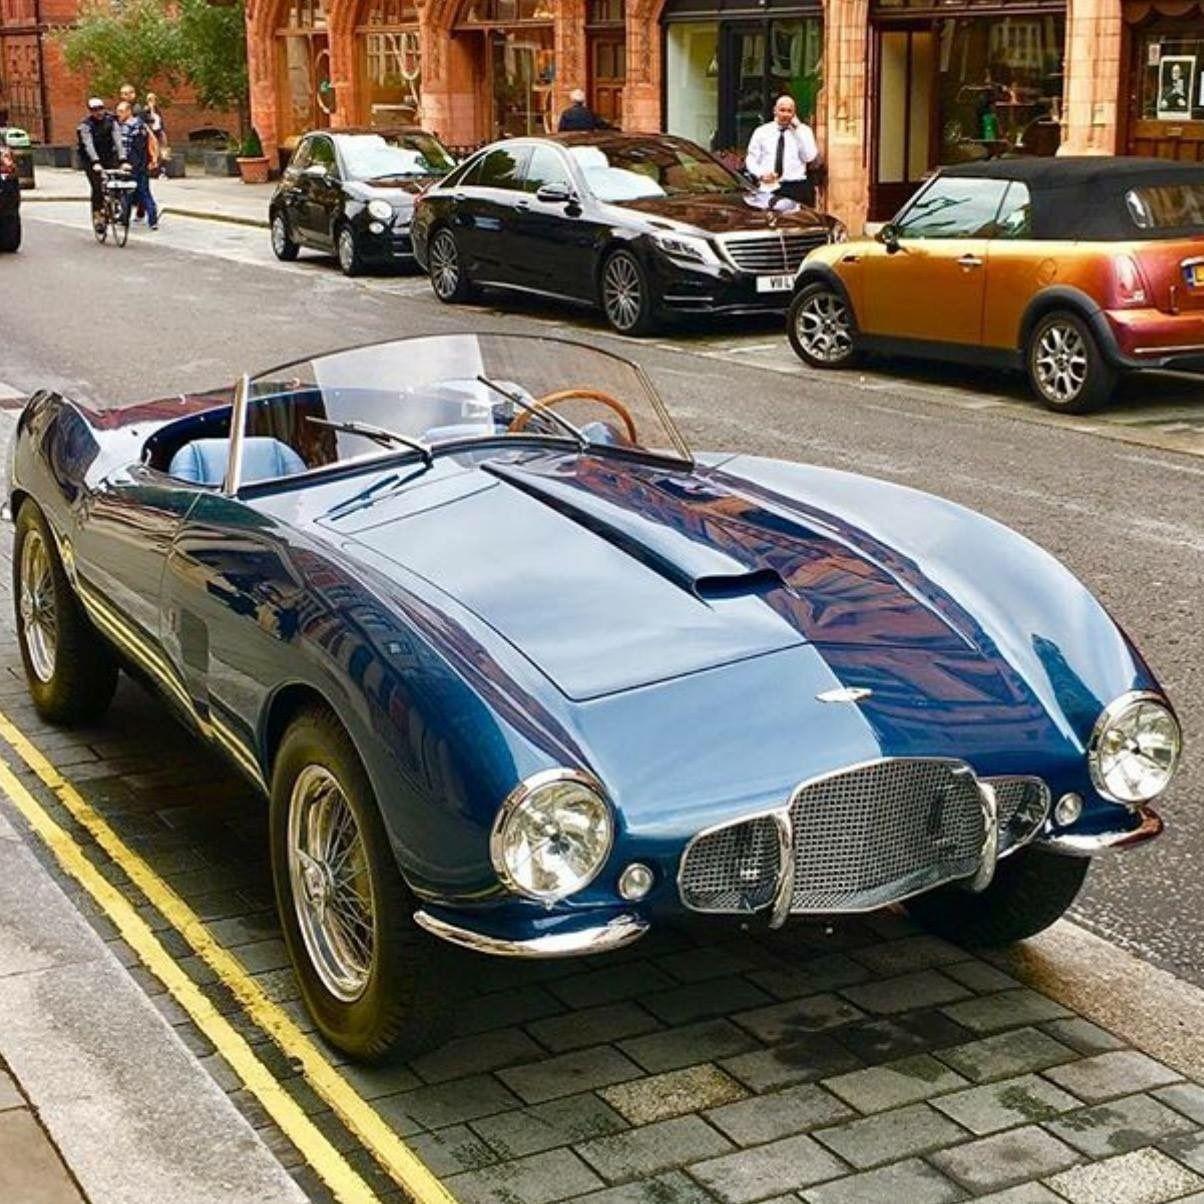 Aston Martin Mobil Klasik Aston Martin Mobil Mewah